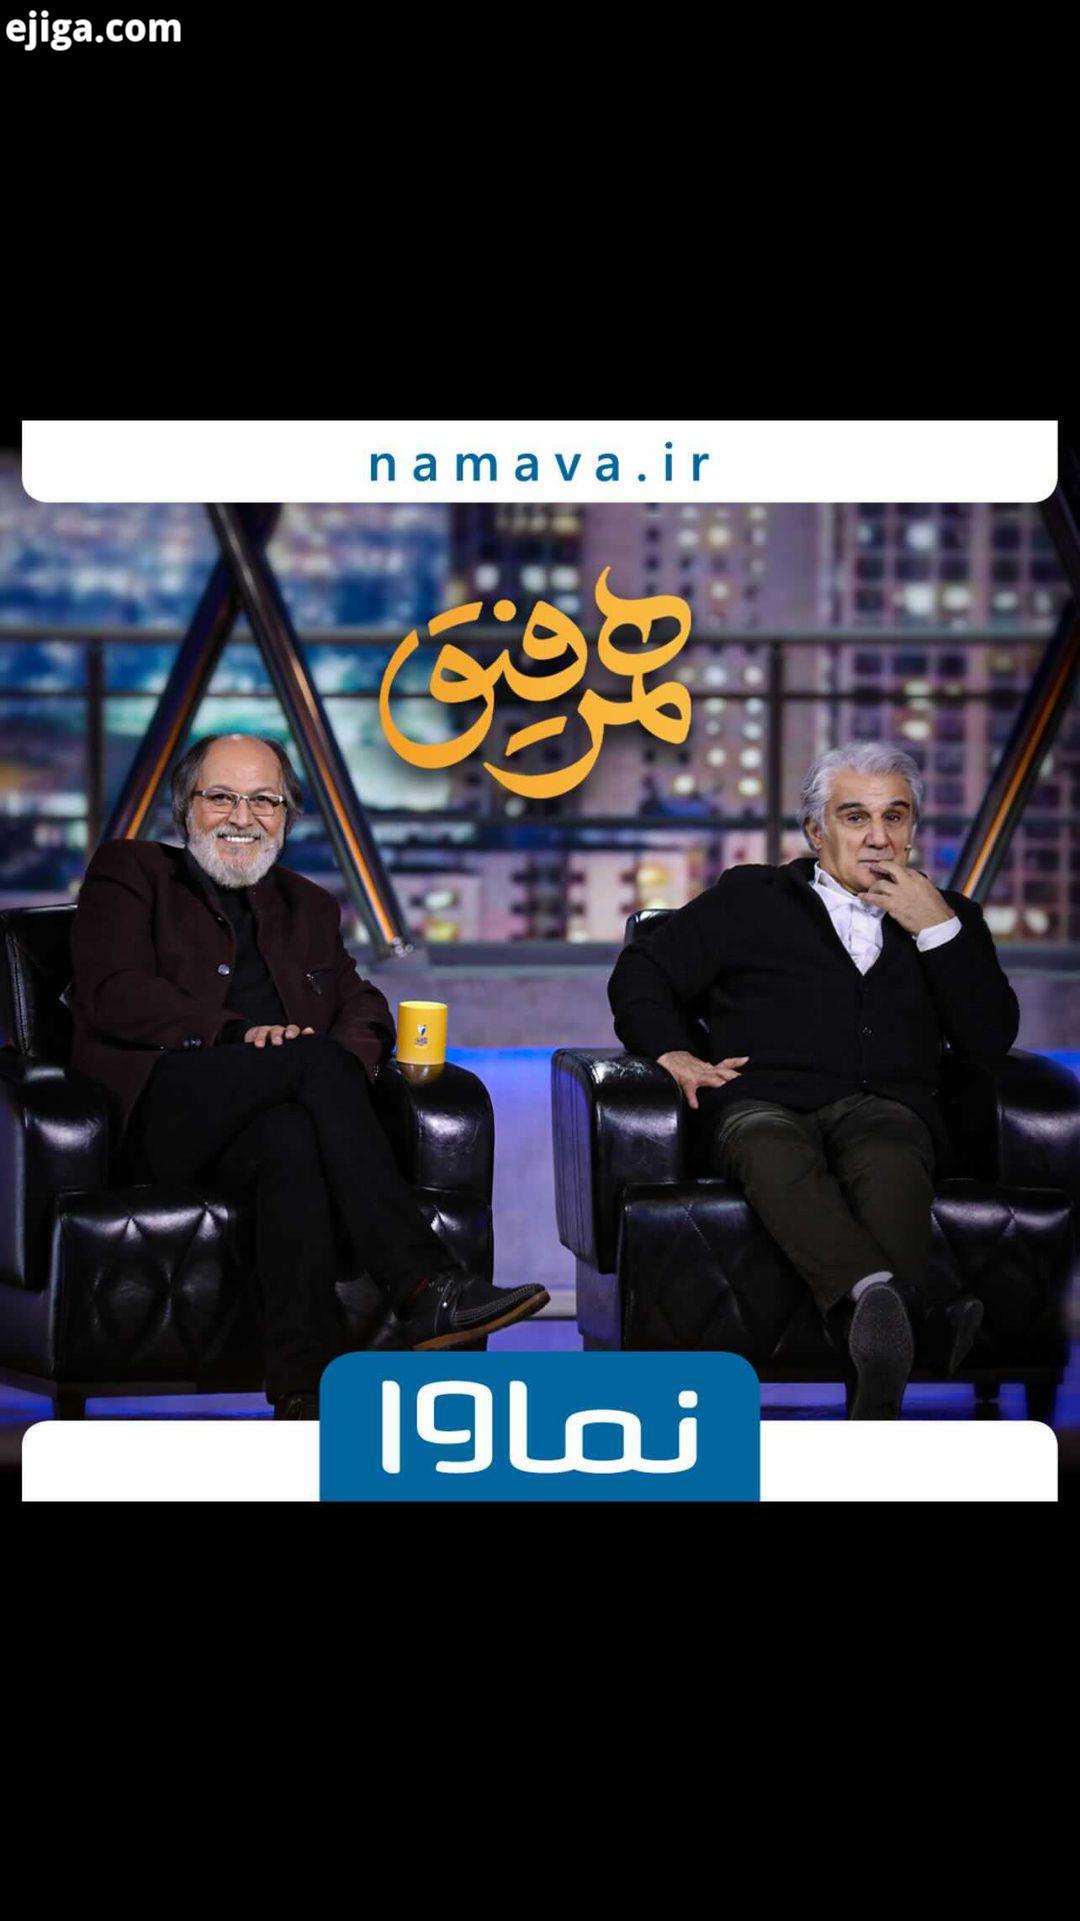 مهدی هاشمی به همراه بهترین رفیق خود امین تارخ مهمان همرفیق